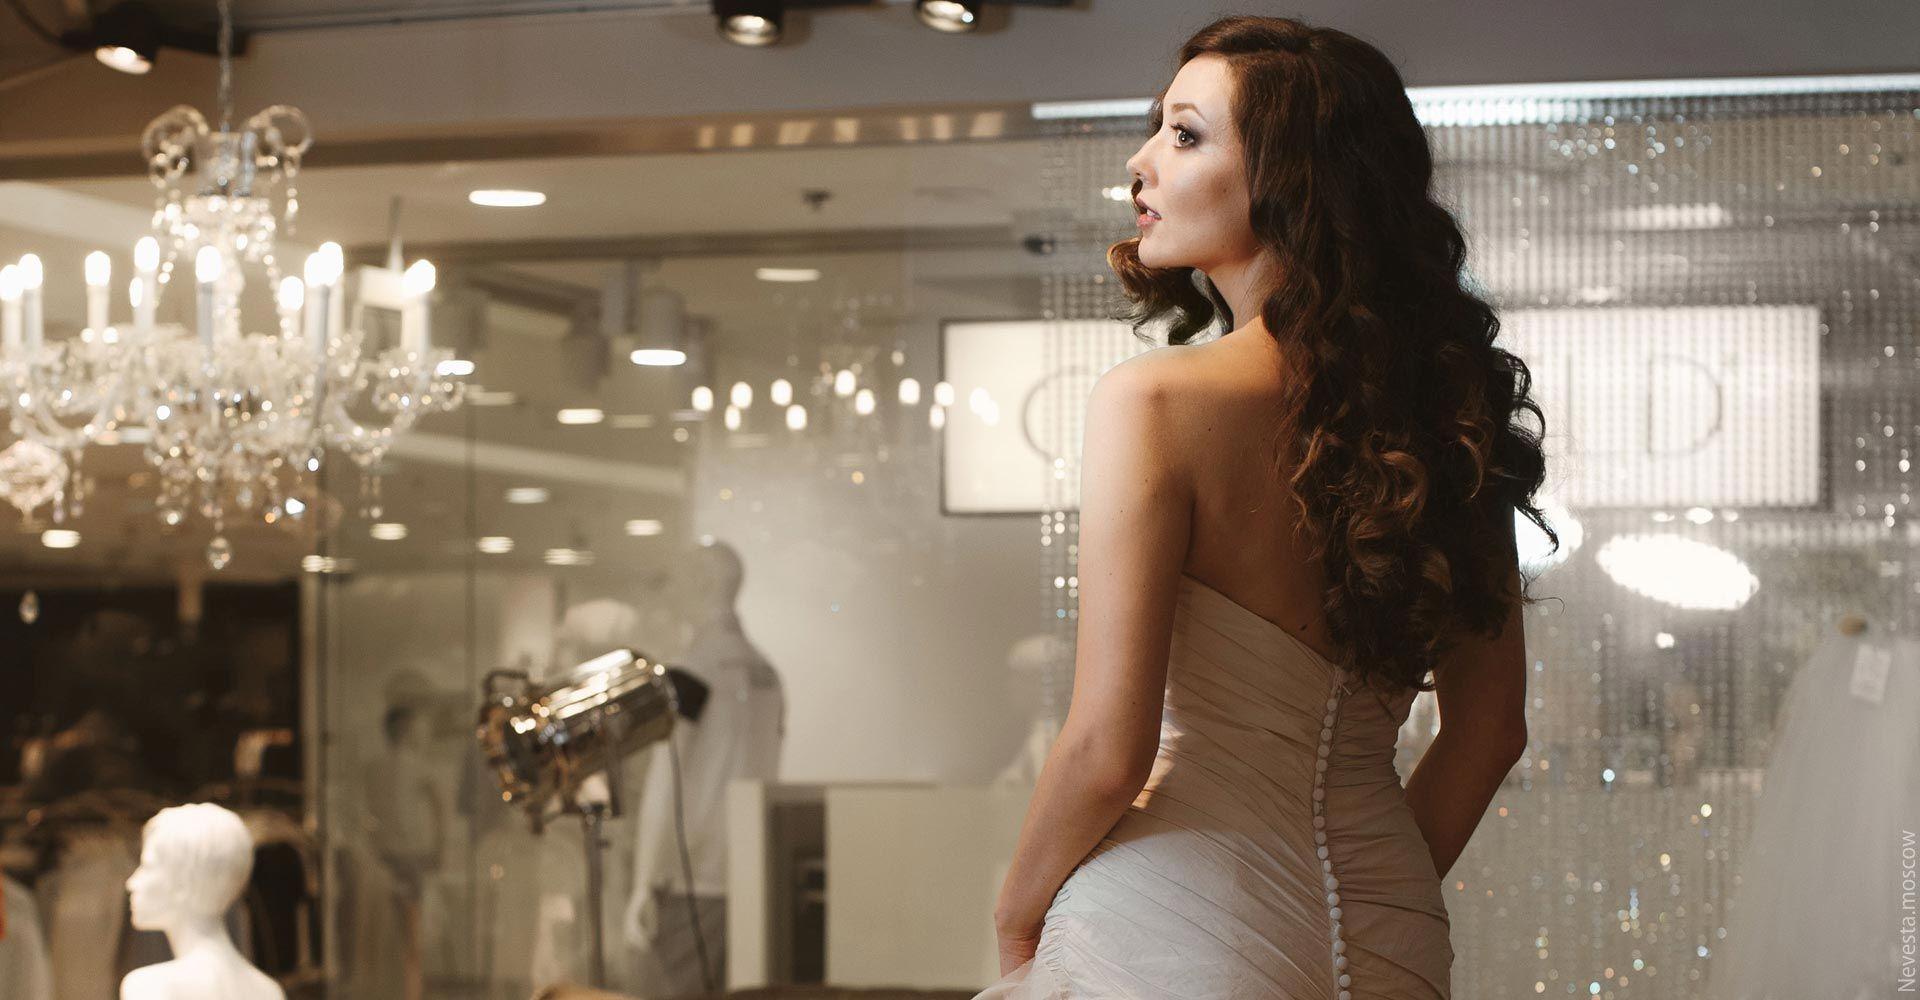 Рената Байкова примеряет свадебное платье фото 9